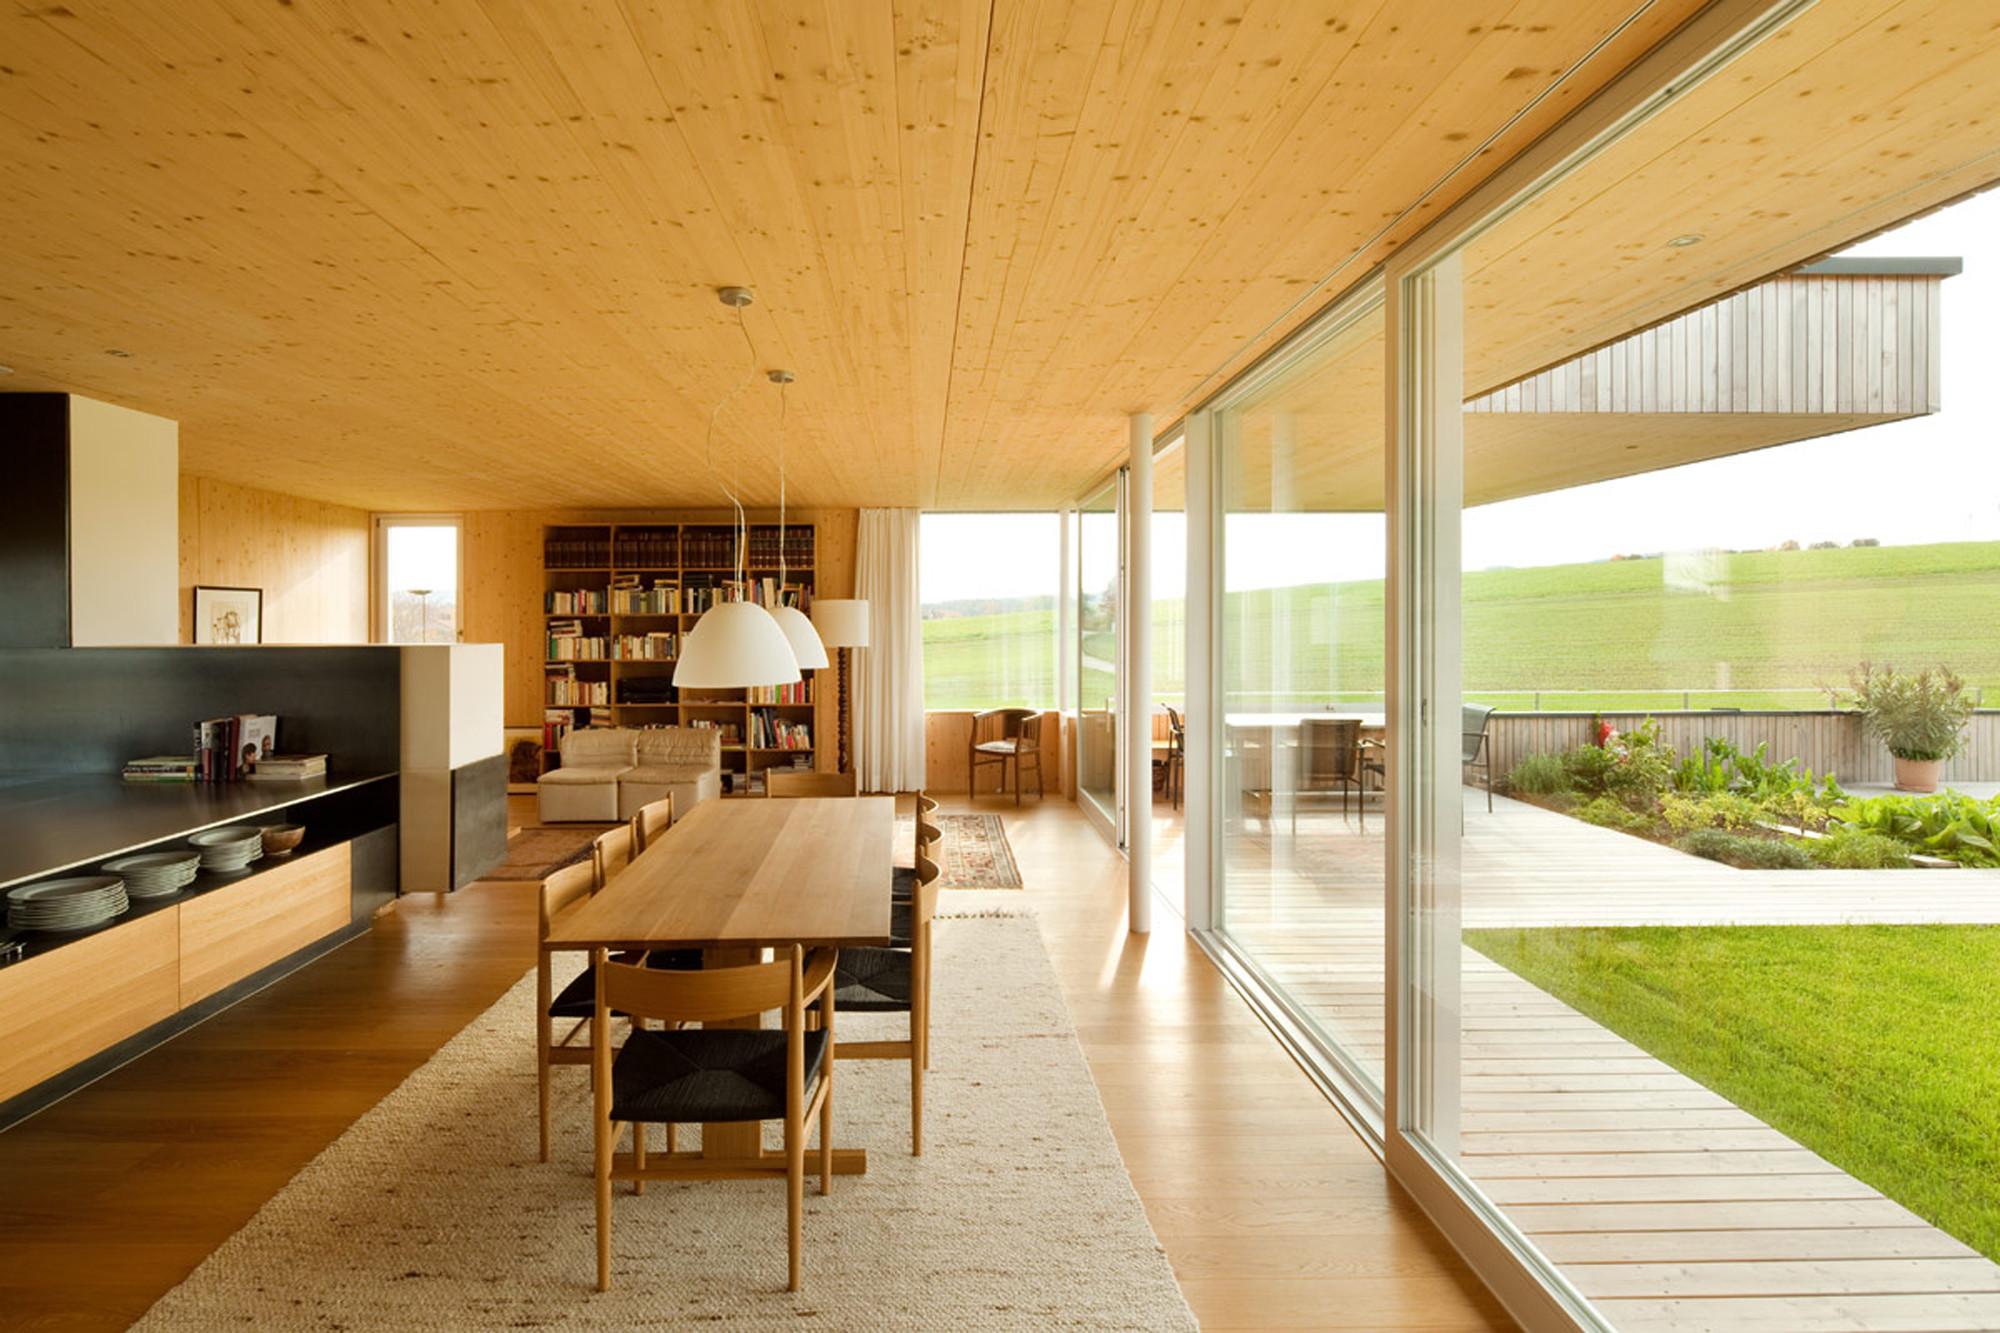 Gallery of House D / Hohensinn Architektur - 5